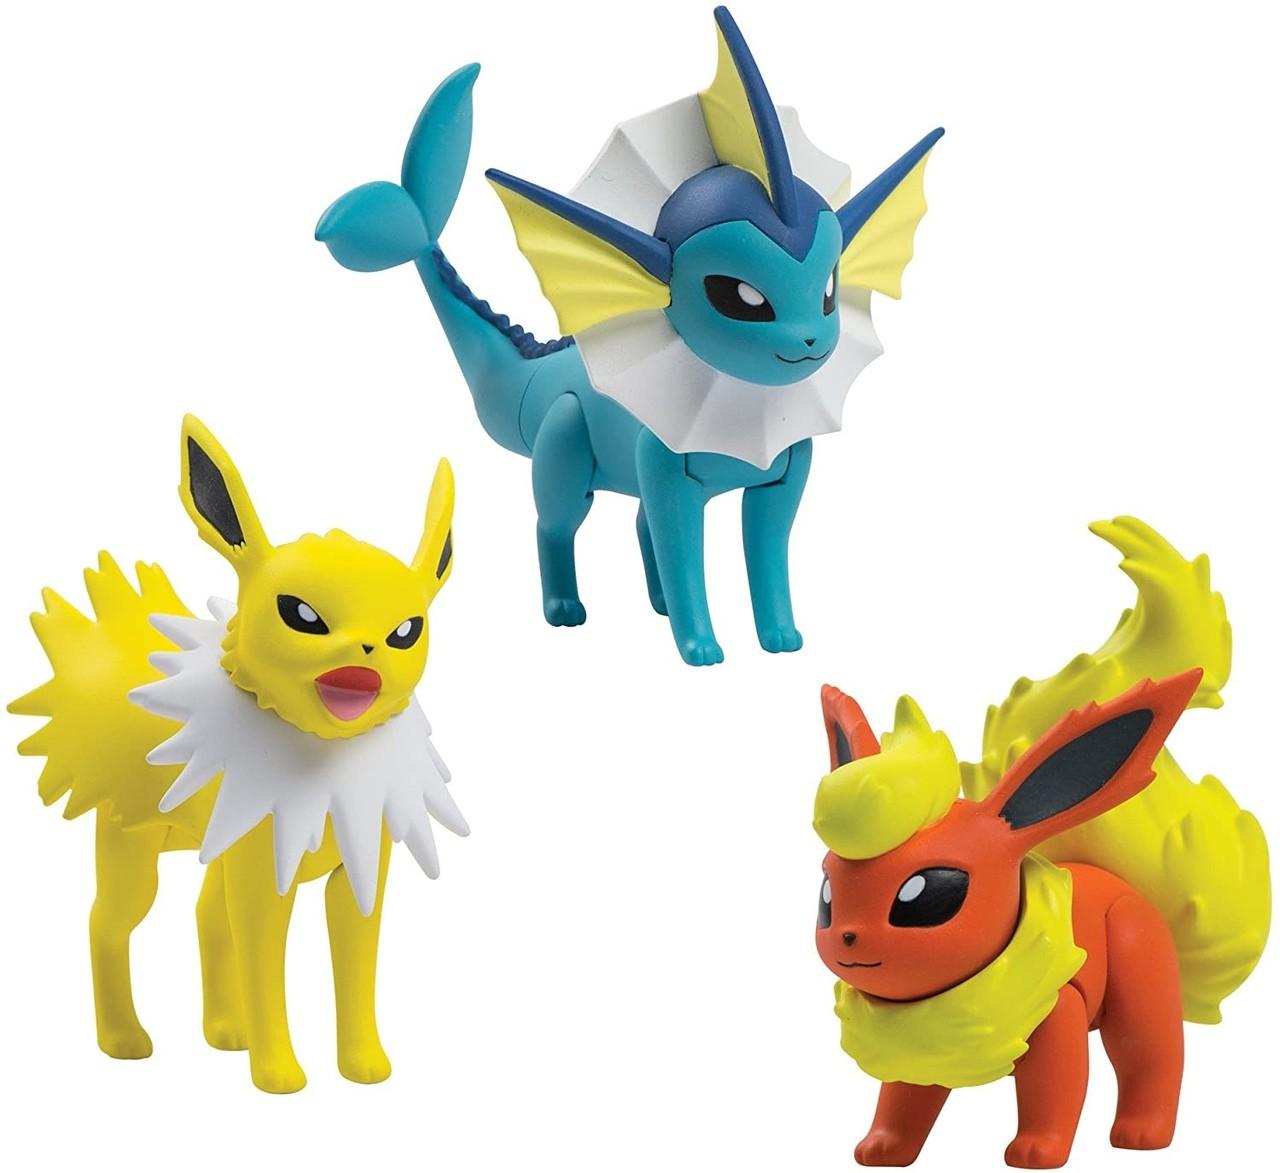 """Bonecos """"Jolteon, Vapareon e Flareon : Pokémon - Sunny"""